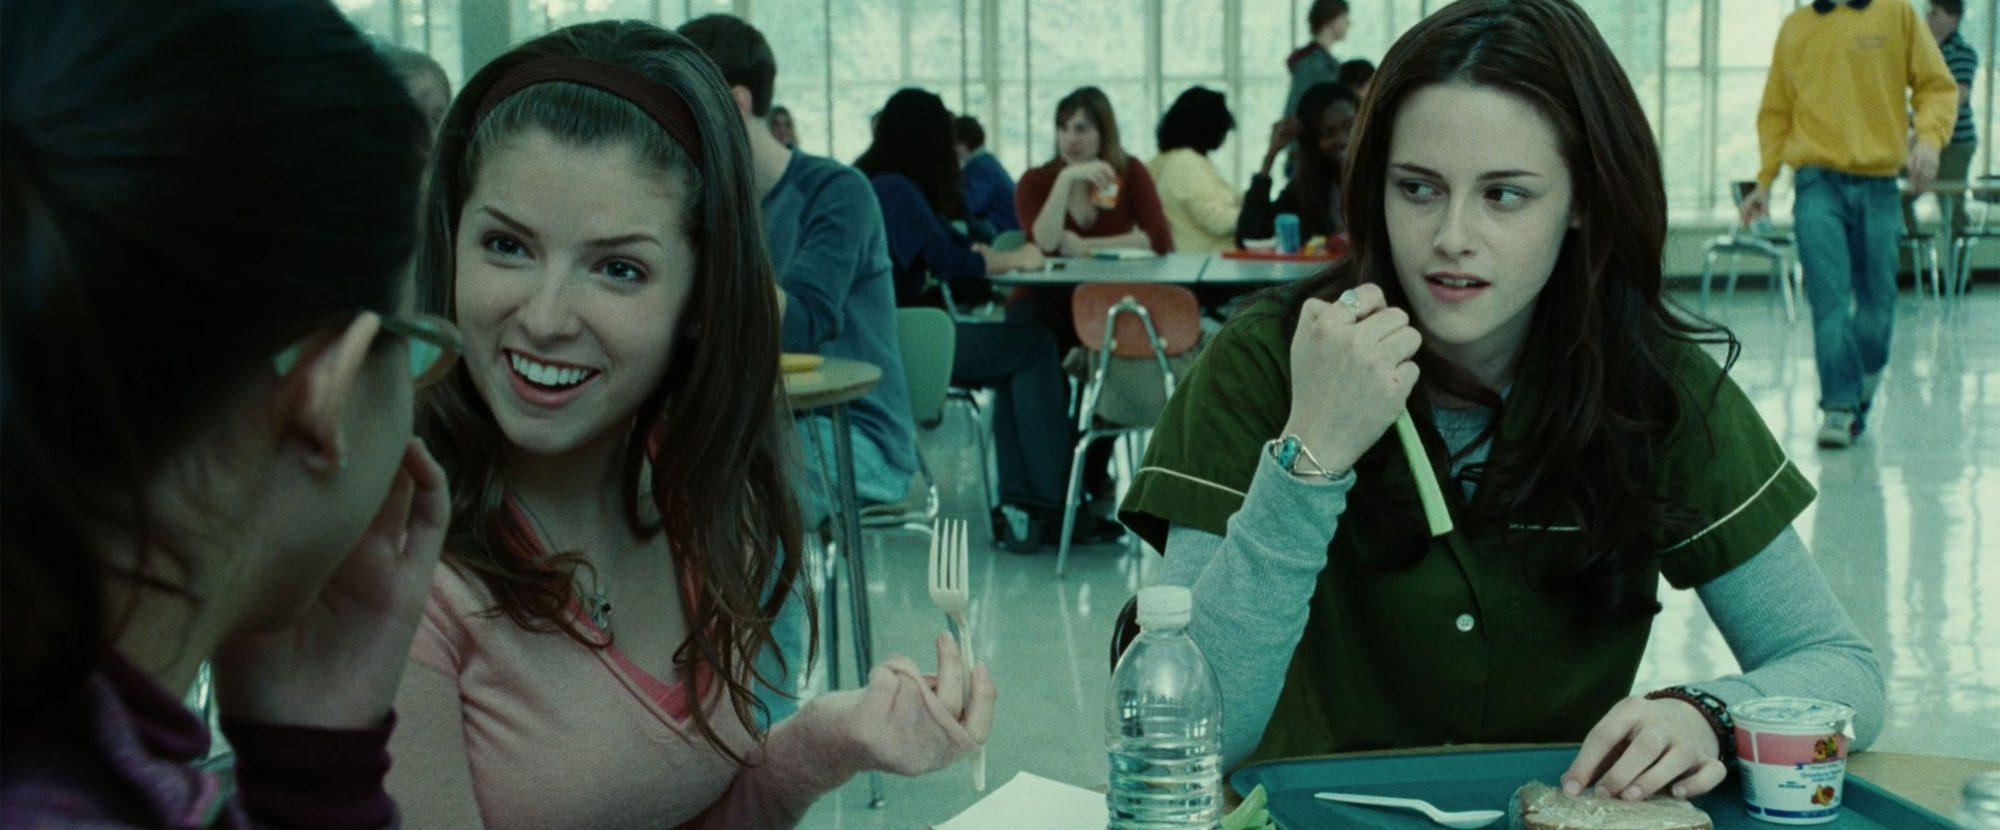 Twilight (2008) (screen grab)Anna Kendrick and Kristen StewartCR: Summit